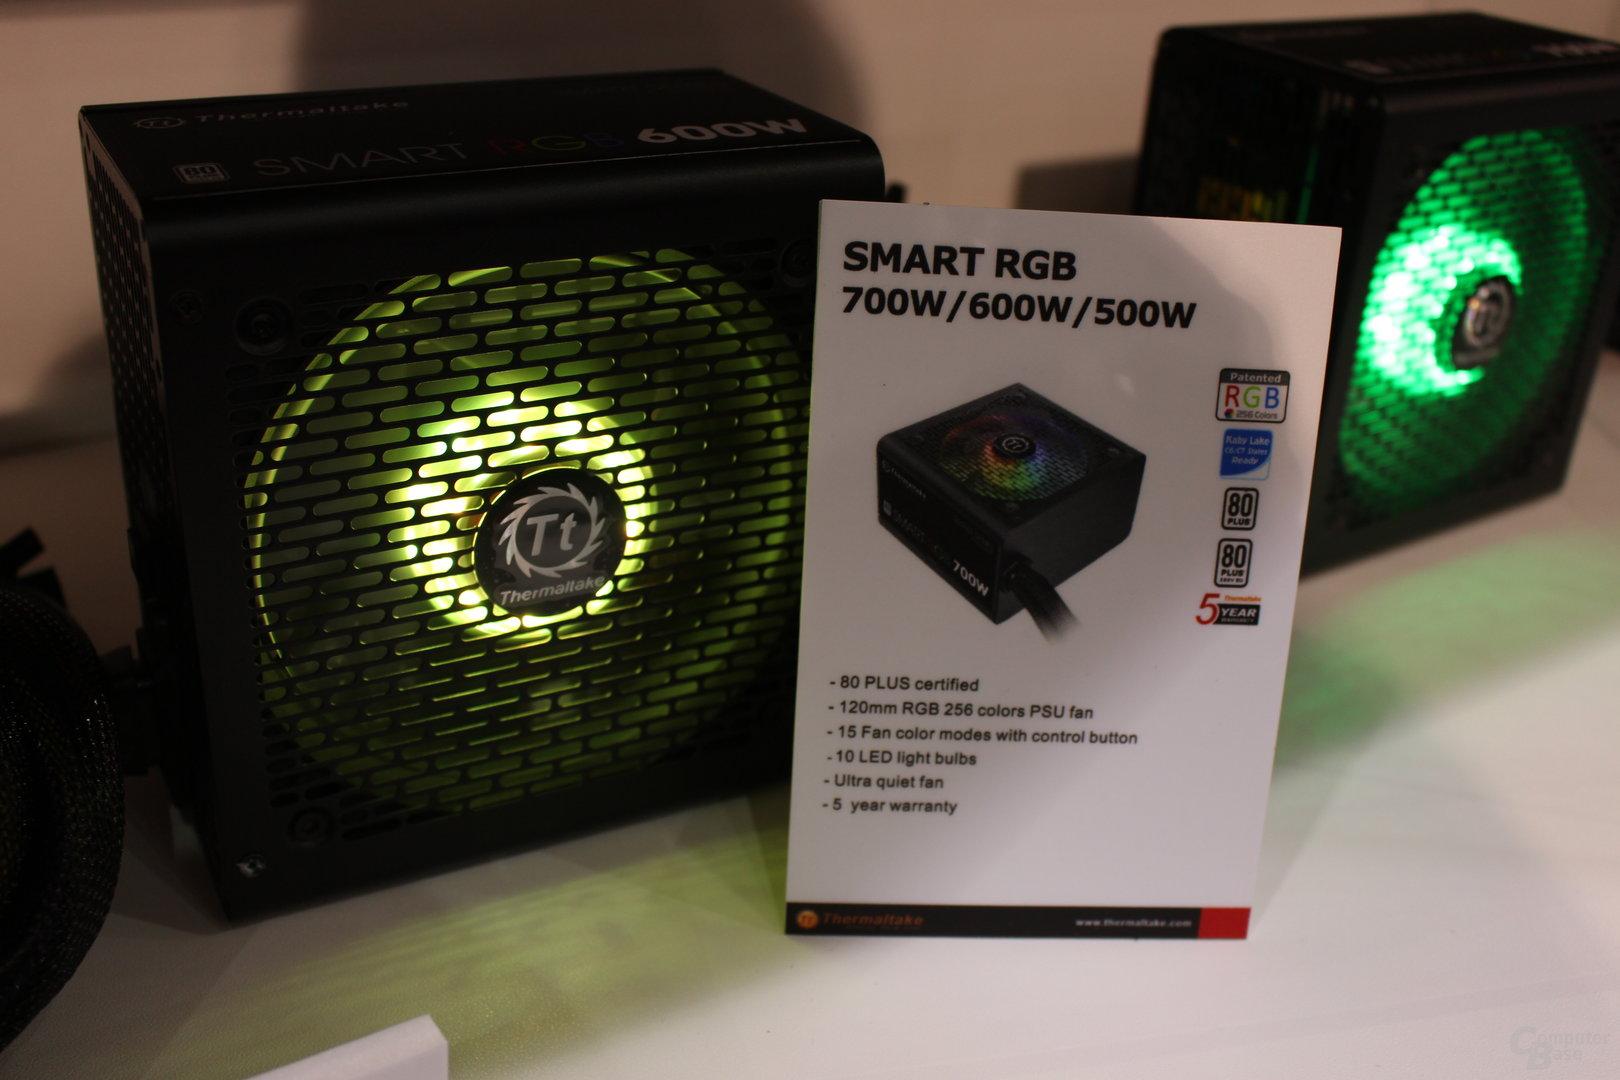 Thermaltake Smart RGB 700W/600W/500W